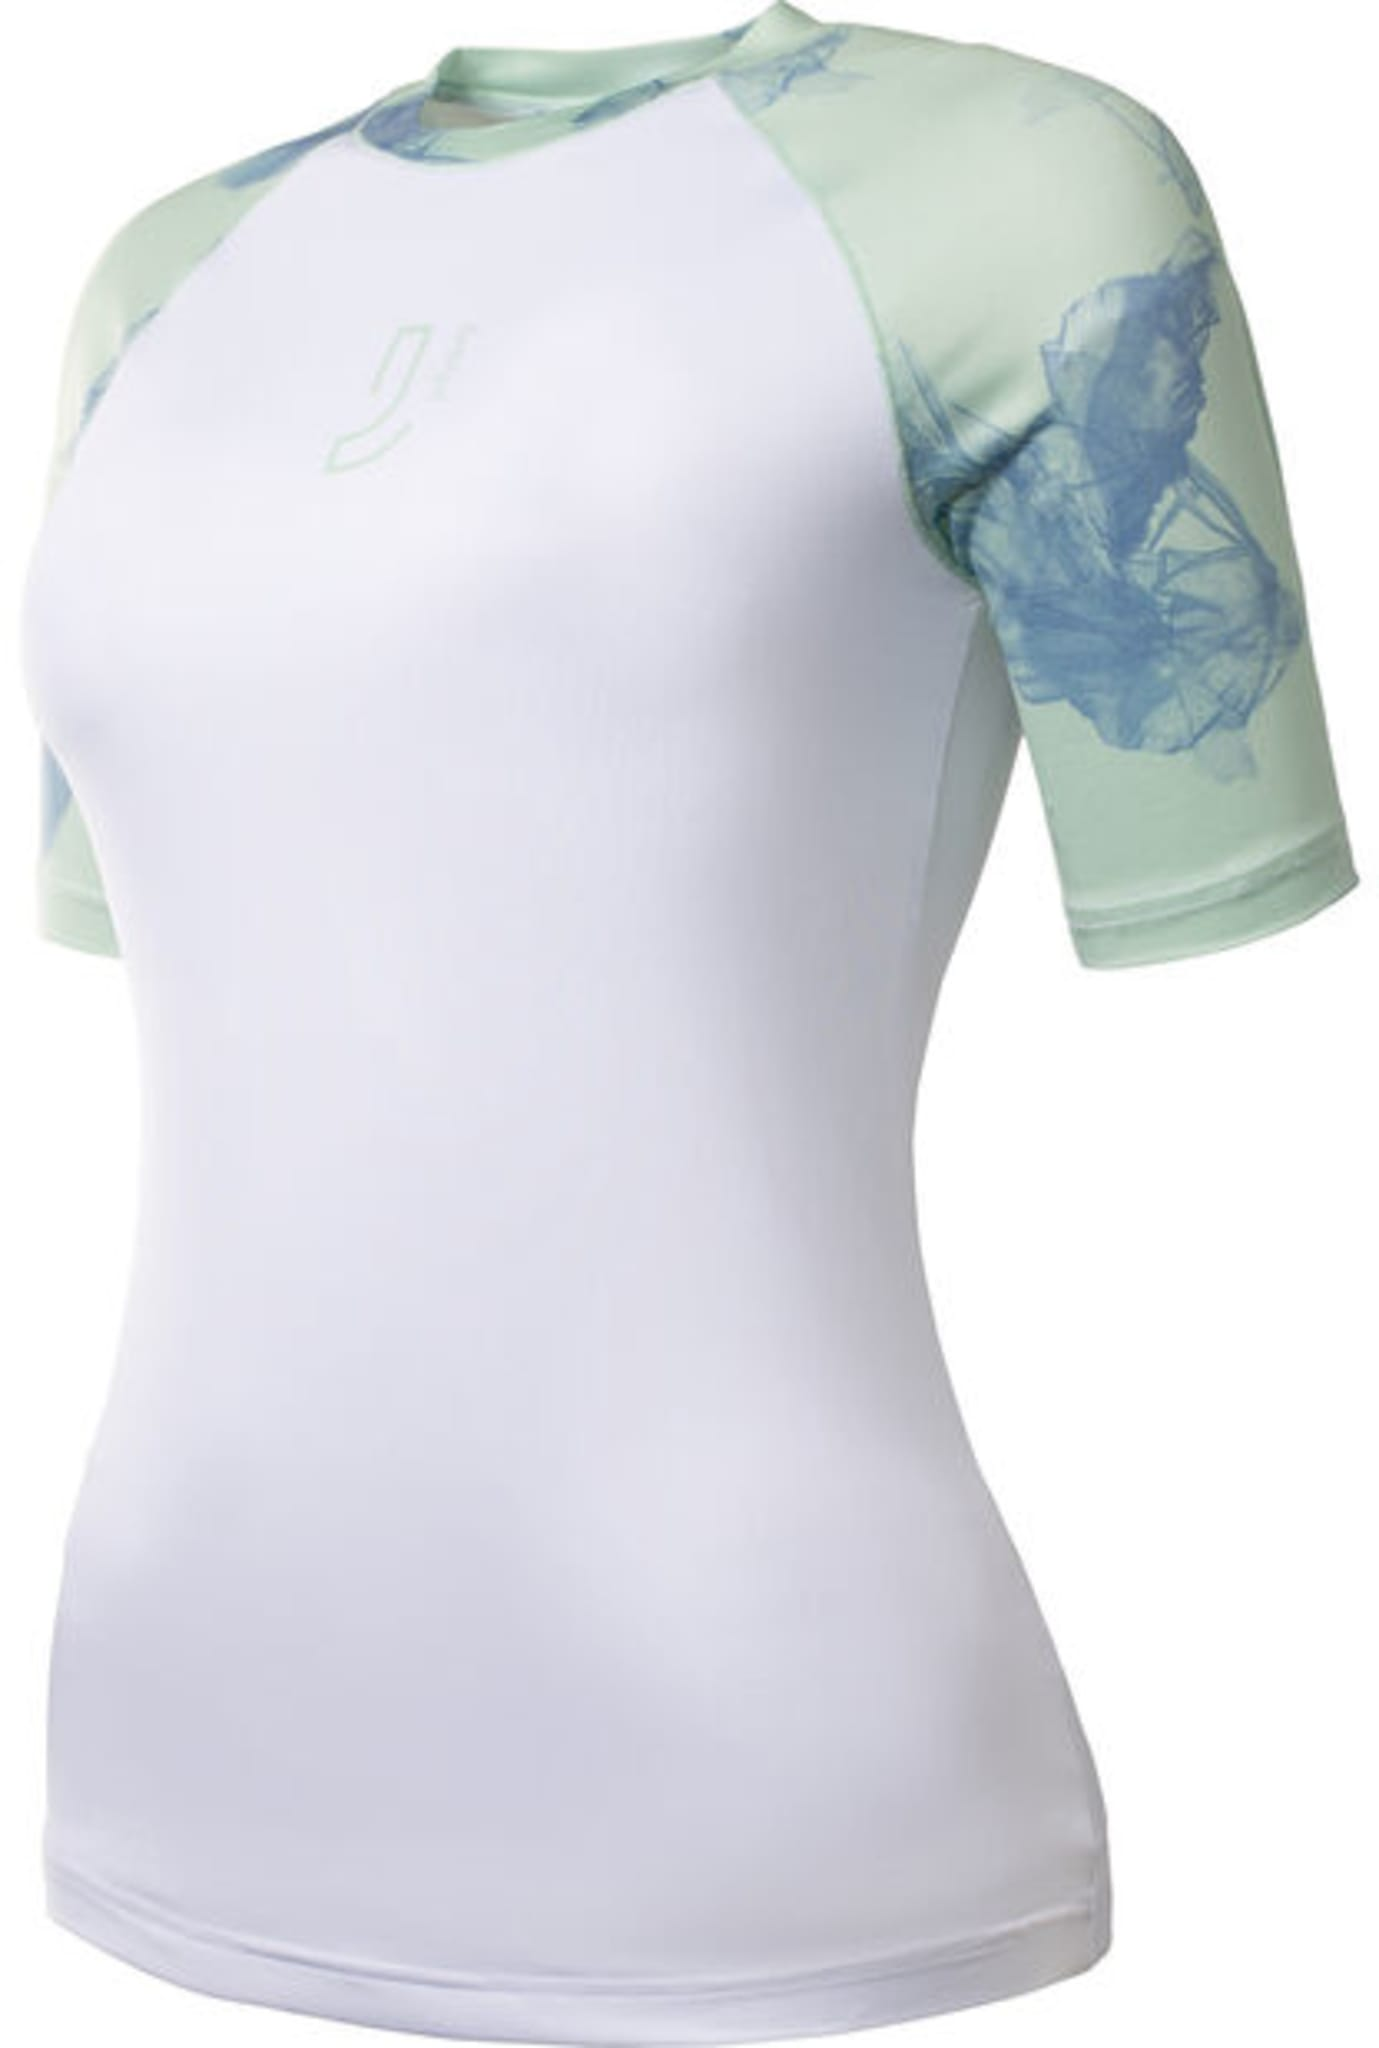 Lett og funsksjonell t-skjorte for all type trening.